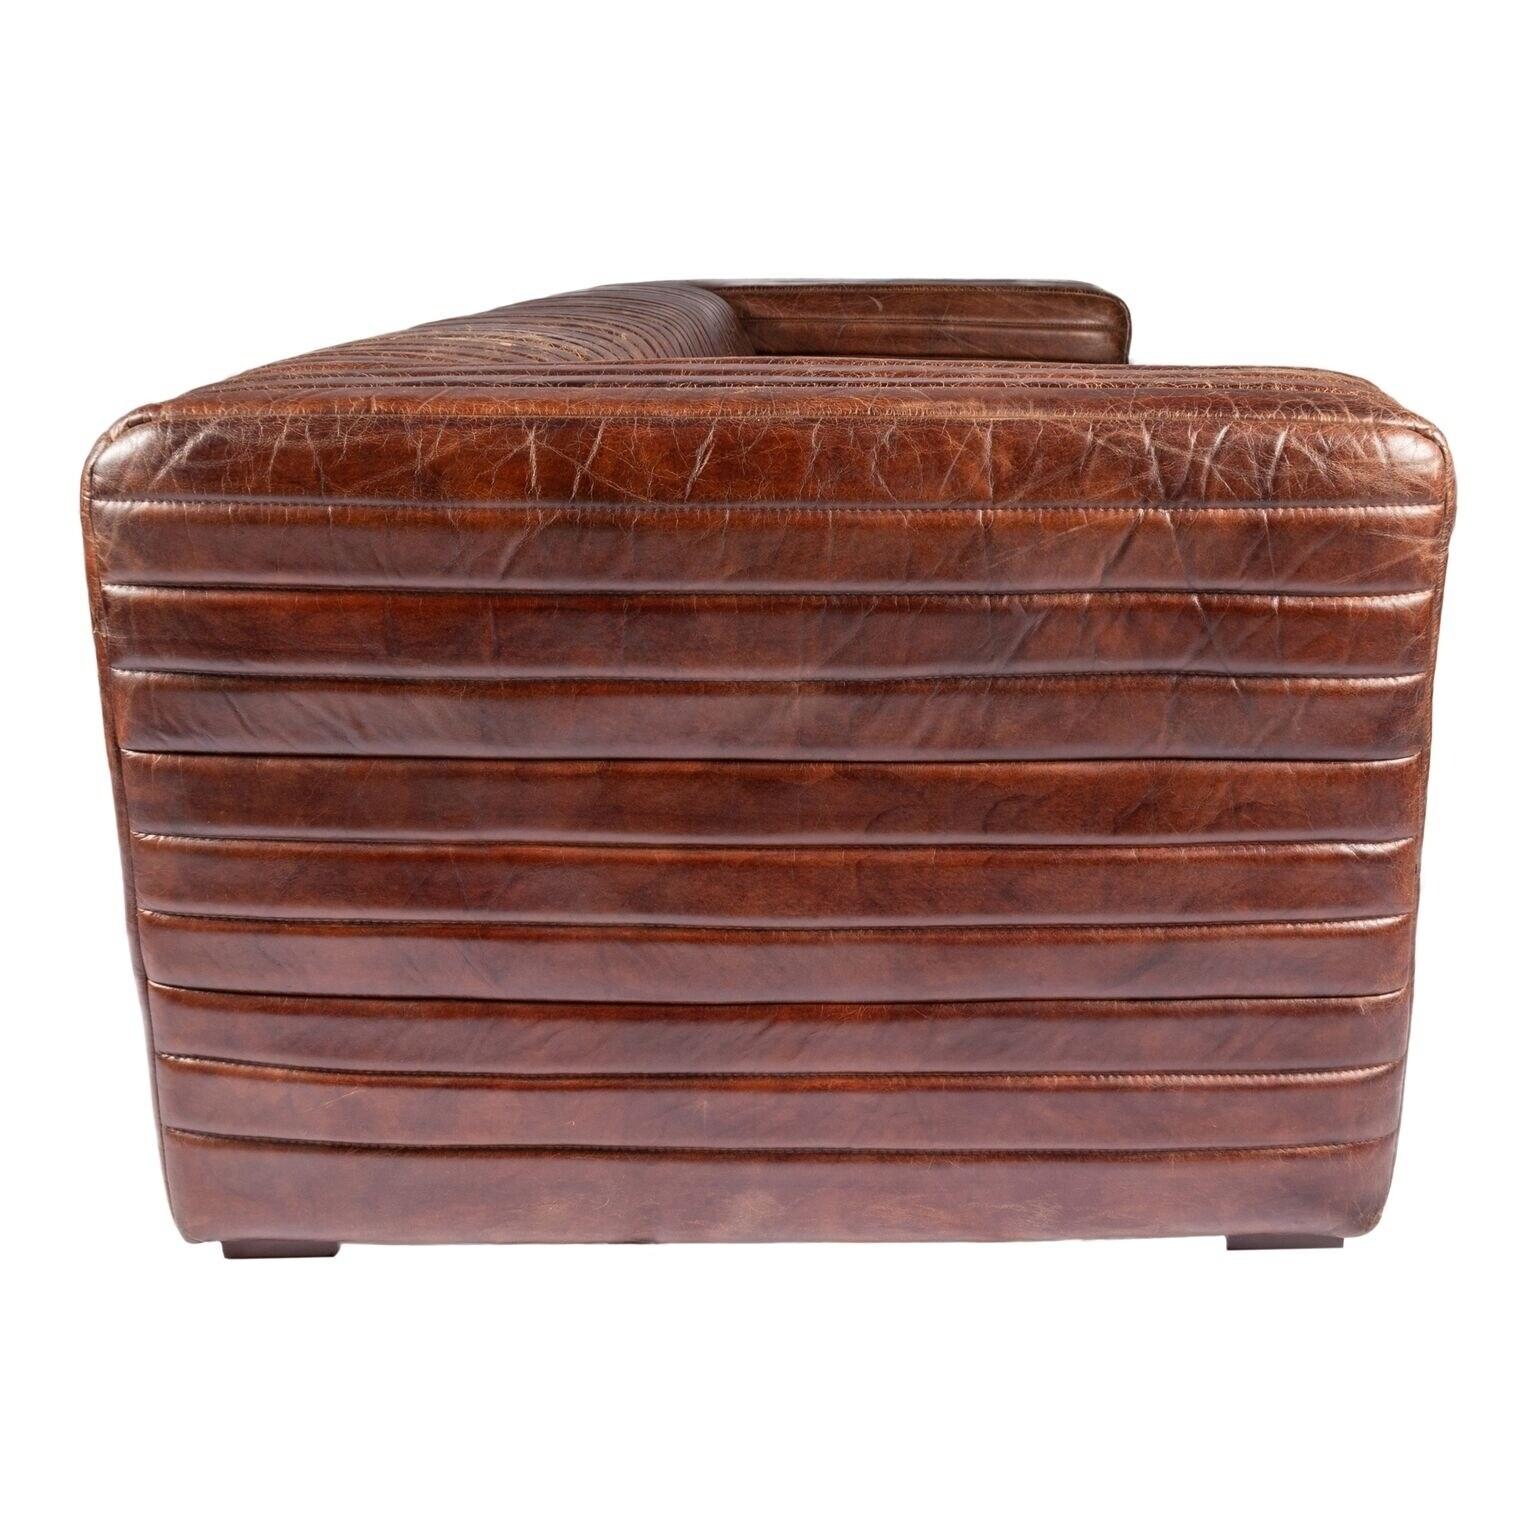 Shop Aurelle Home Tillow Brown Top Grain Rustic Leather Sofa - On ...